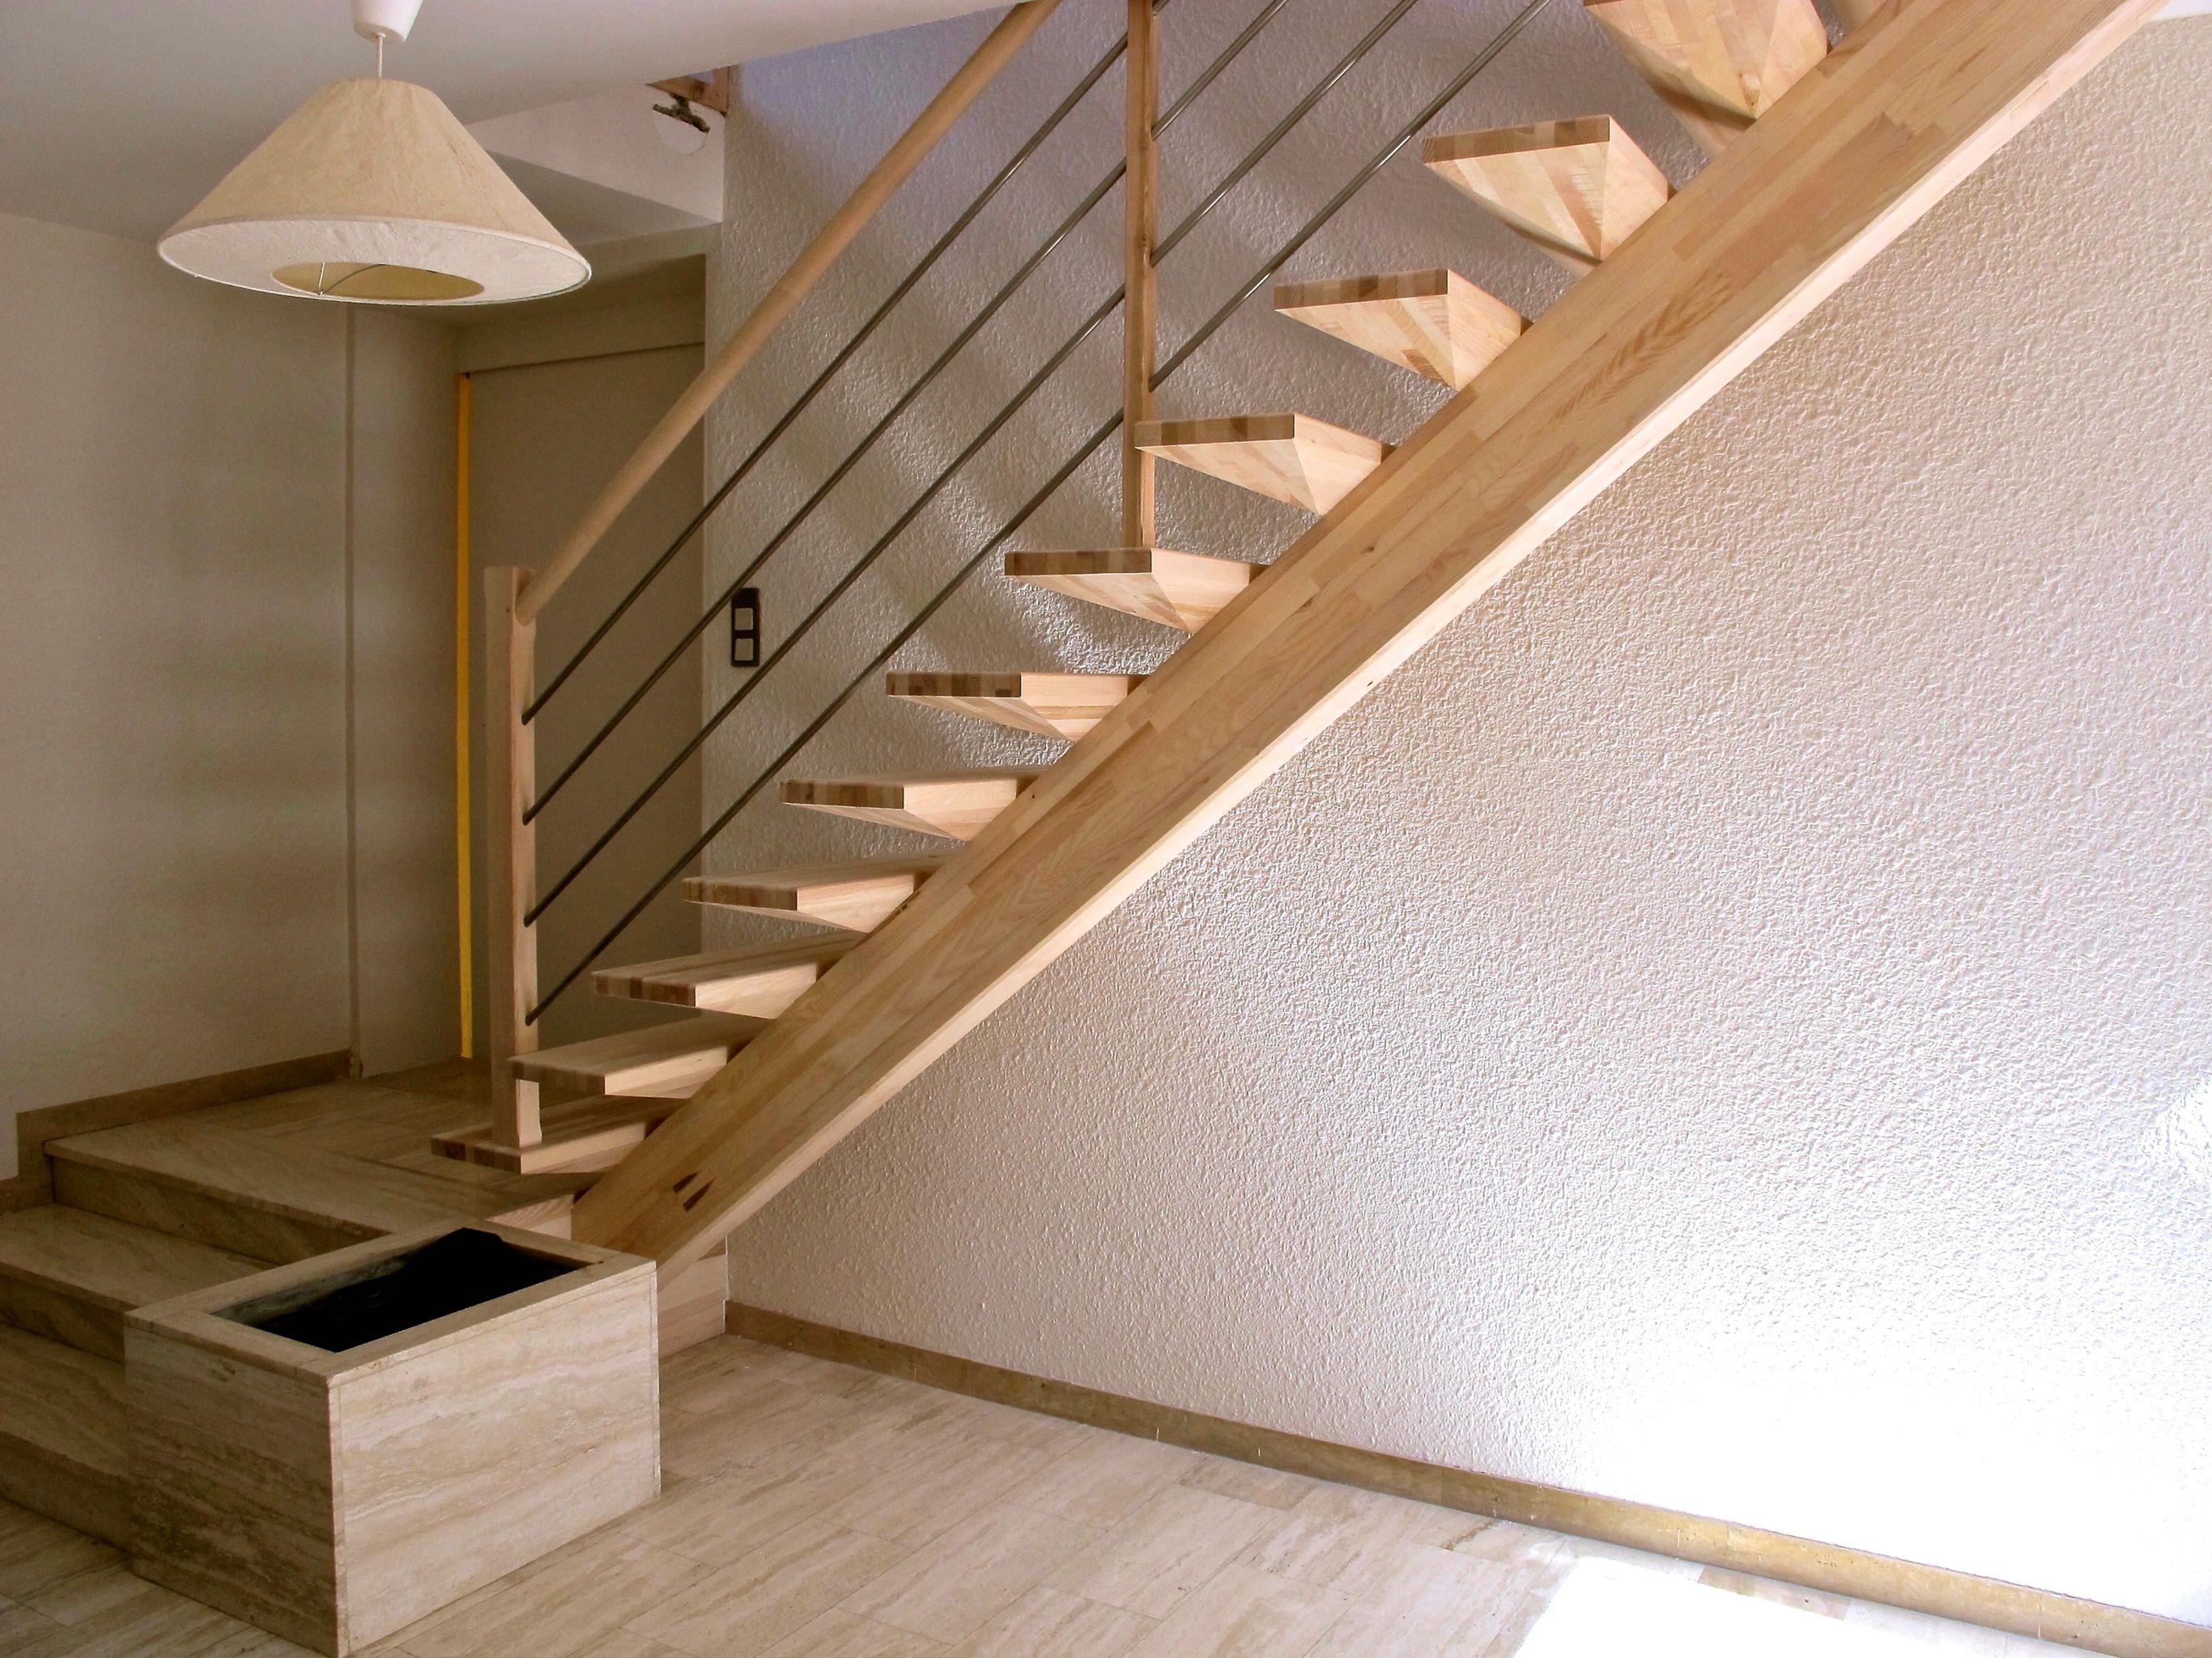 Fabricant D Escalier Bois escalier droit en lamellé-collé frêne sur limon central avec